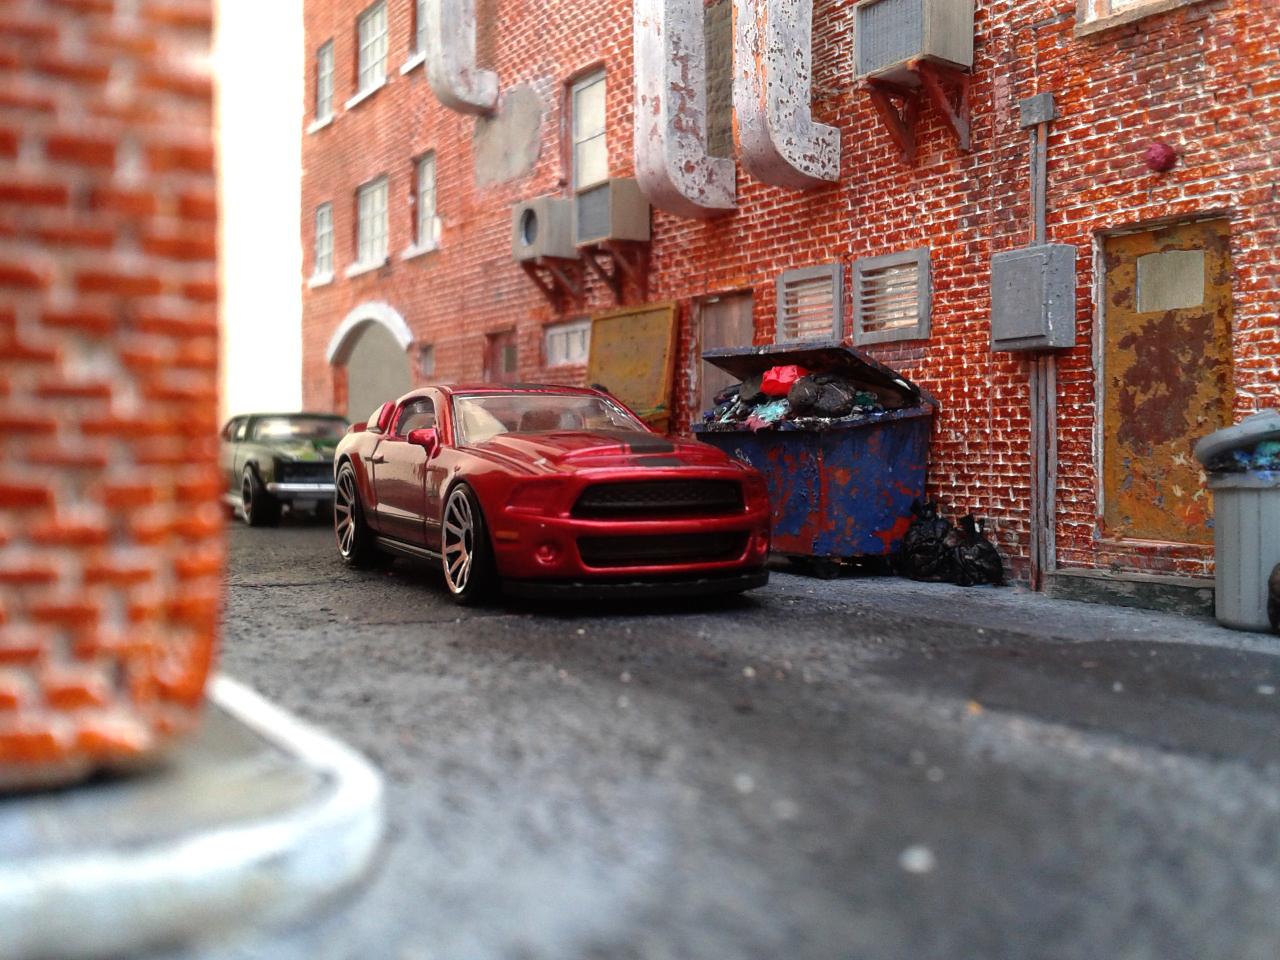 red snake cars